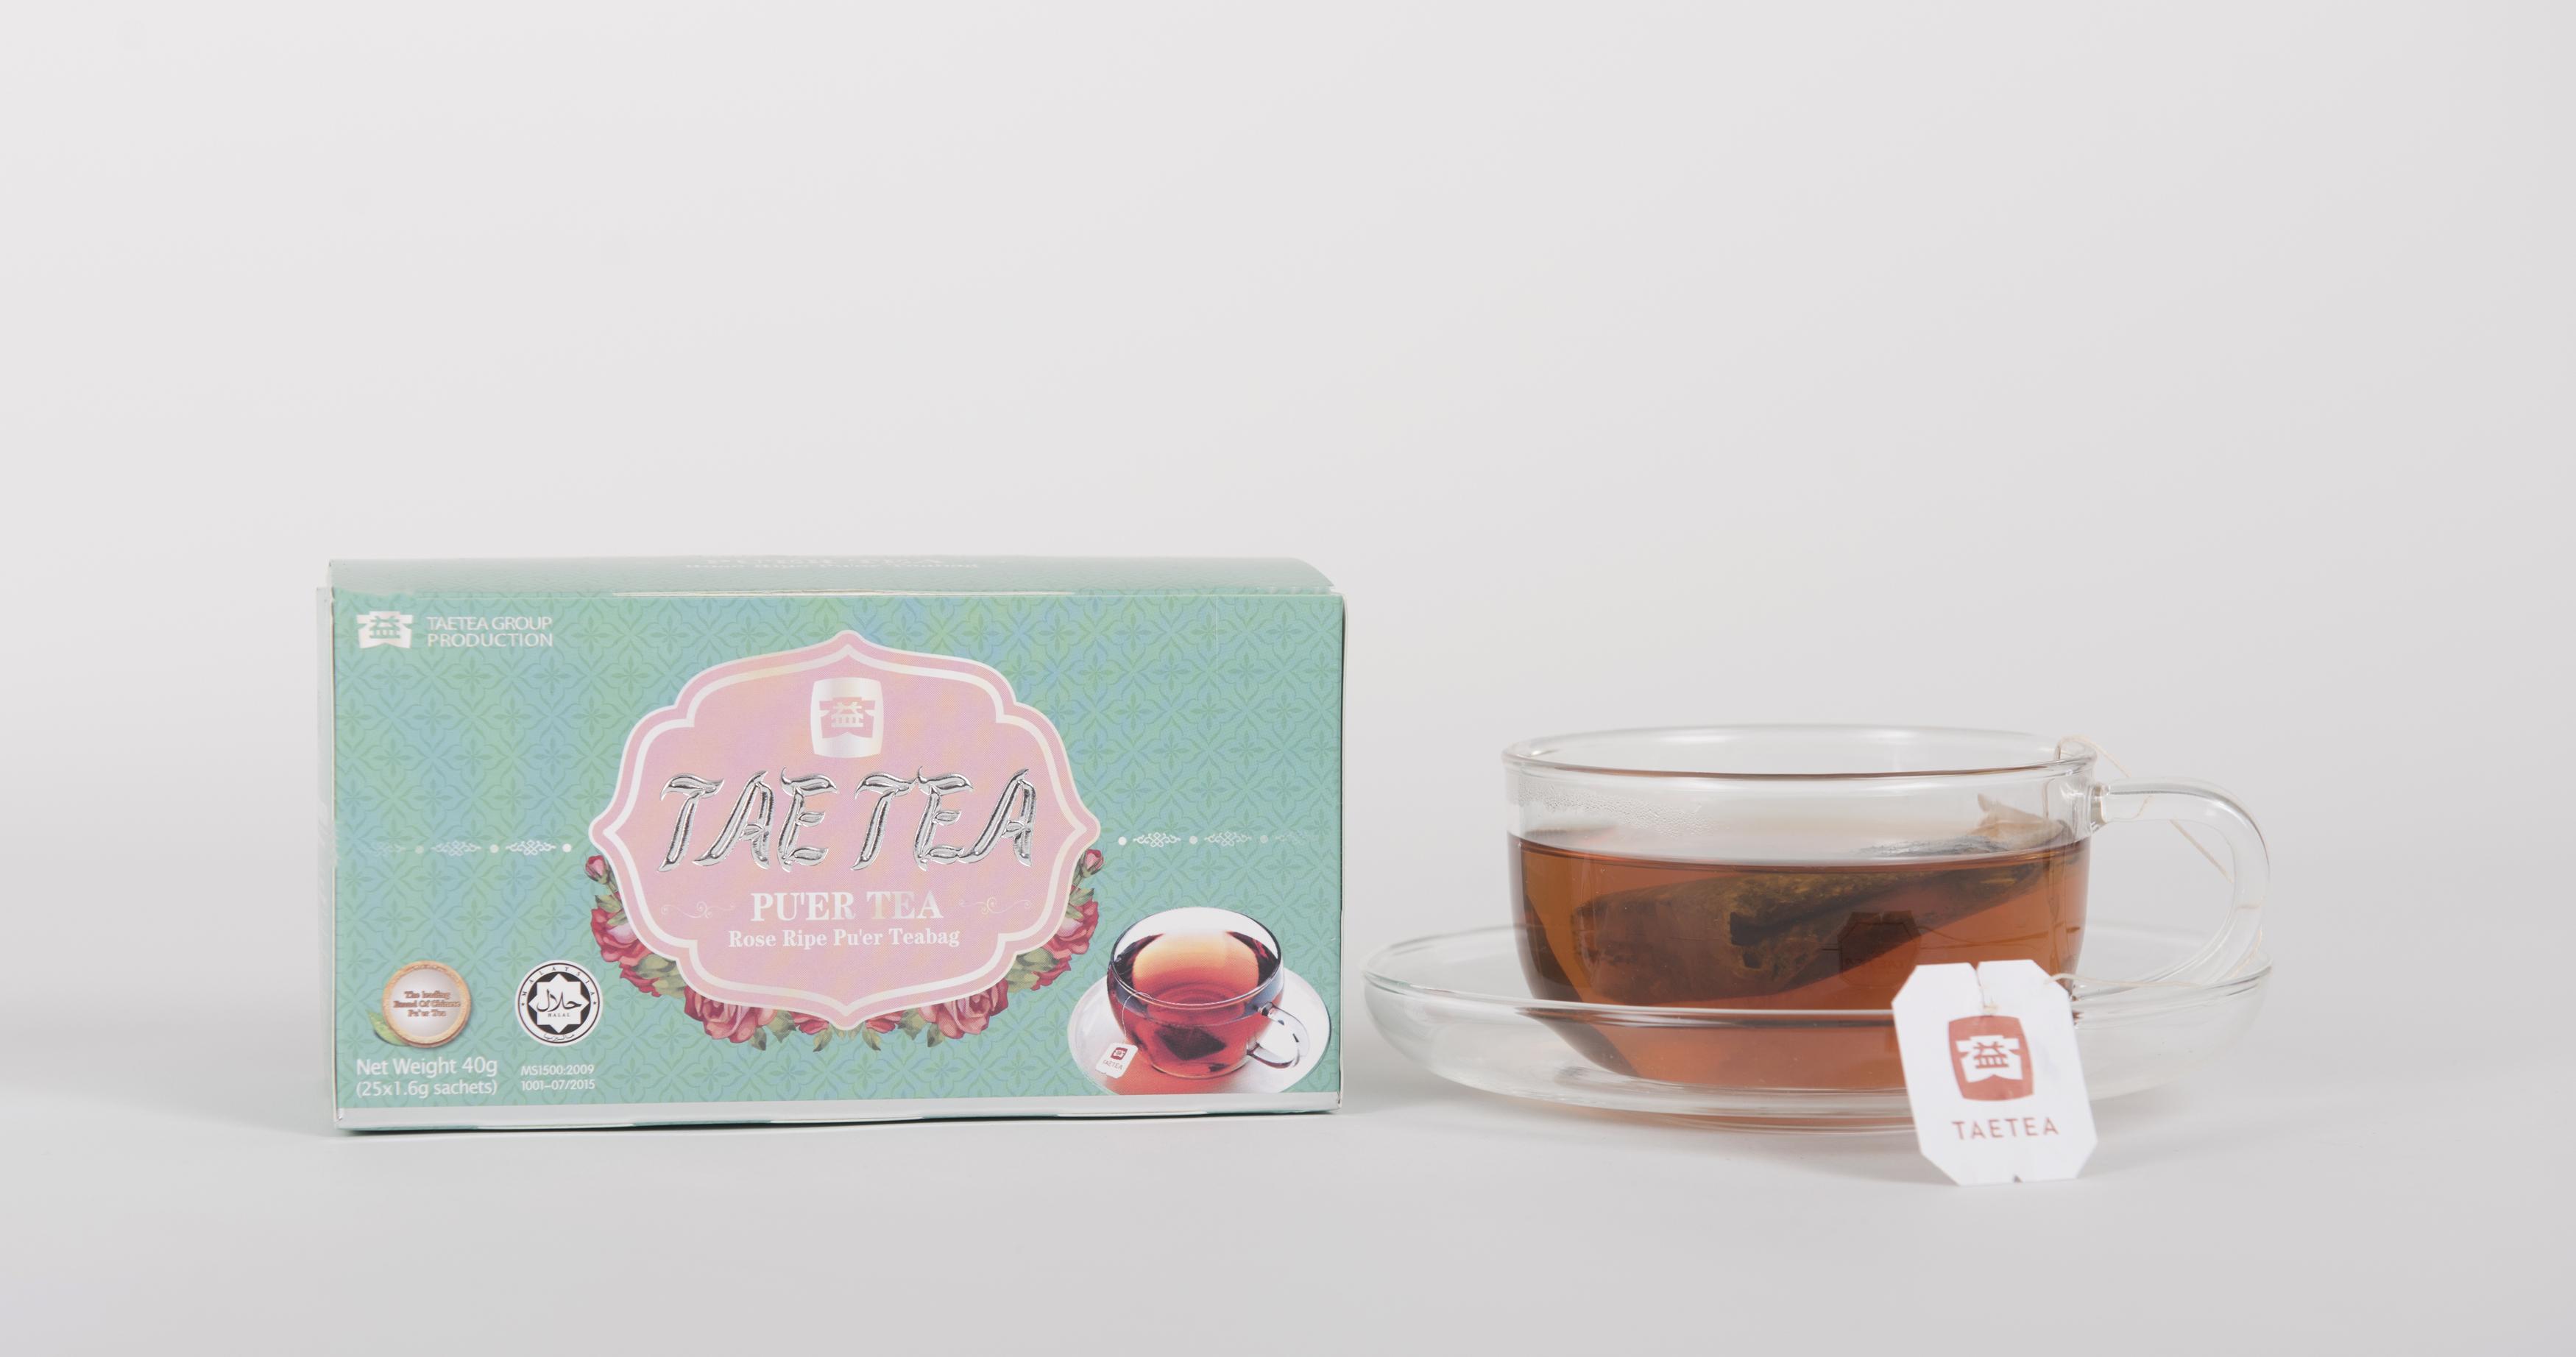 Rose Ripe Pu'er Tea